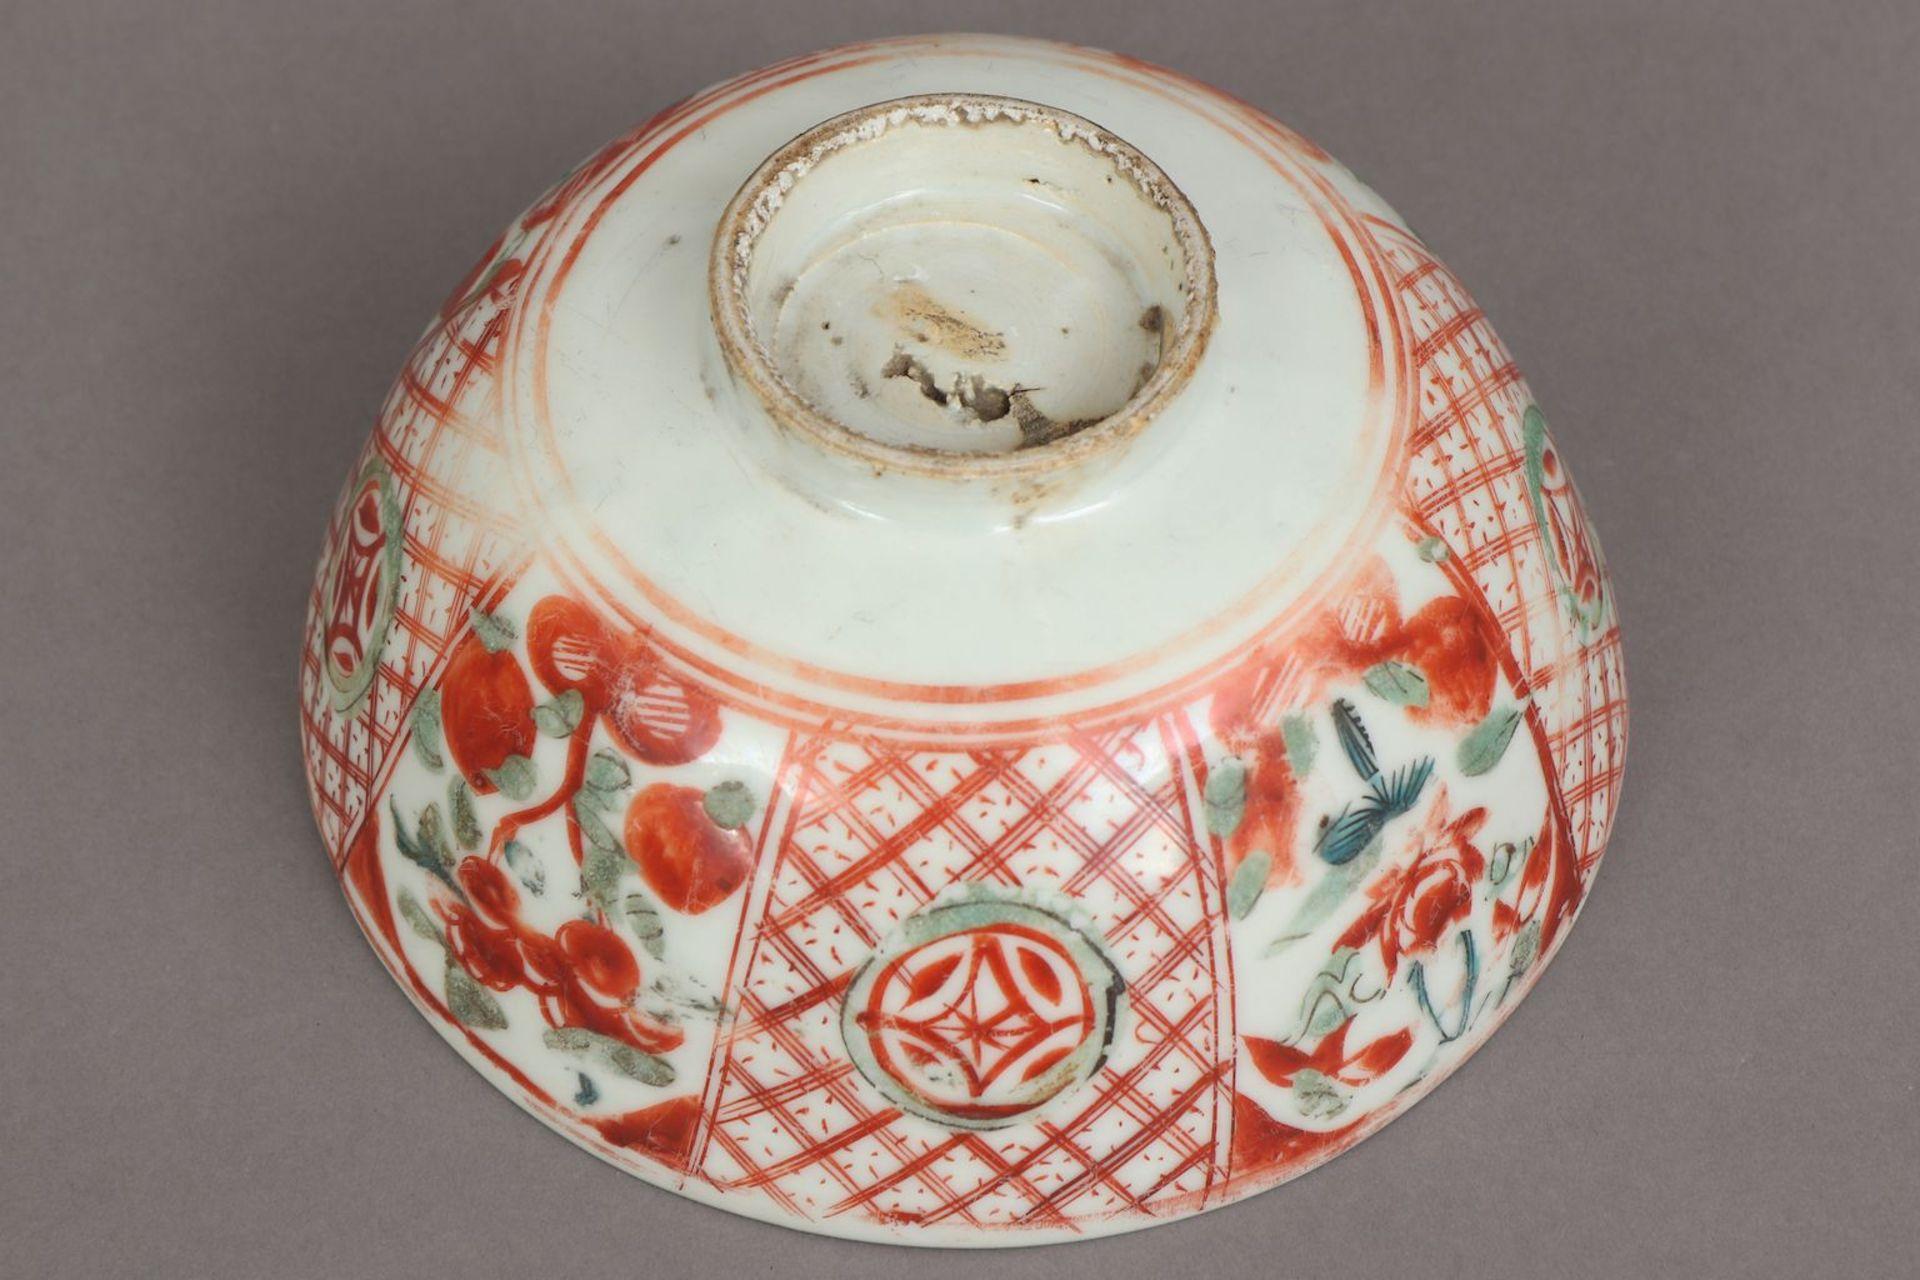 Chinesische Porzellanschale mit Pfirsichdekor - Image 4 of 5